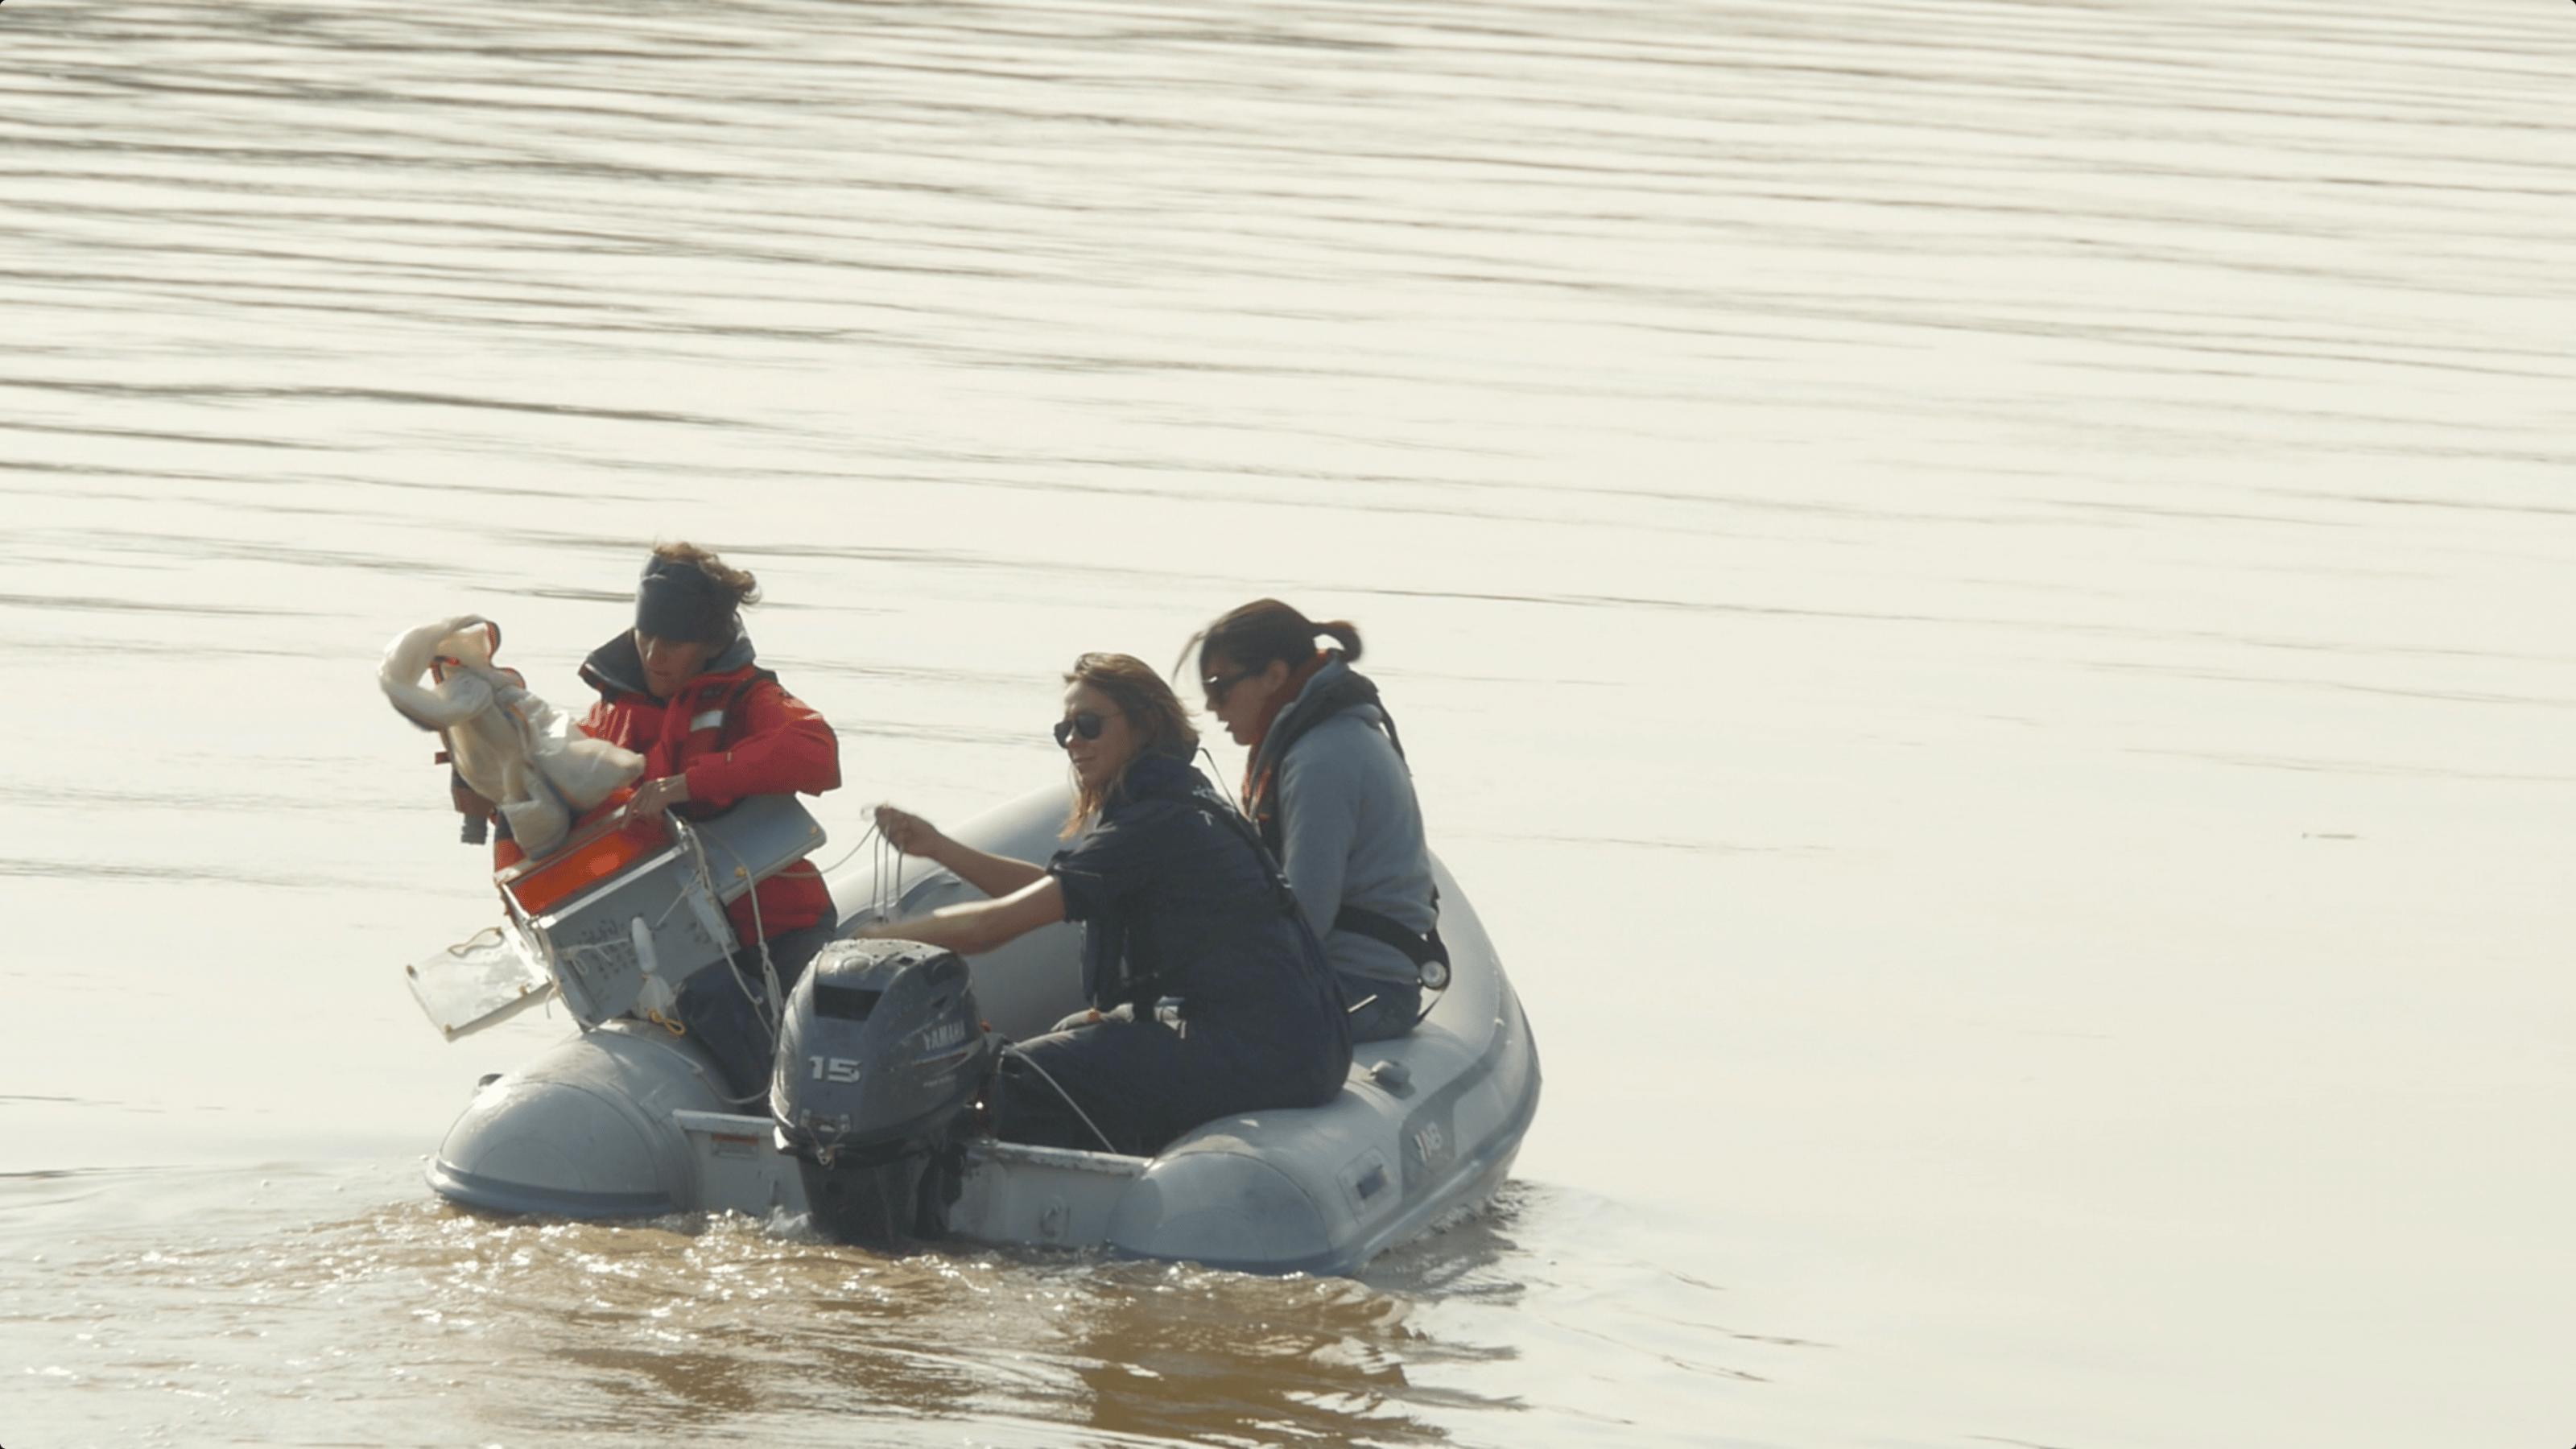 Einige Forscher fahren mit einem Boot auf dem Fluss Garonne und sammeln Proben.